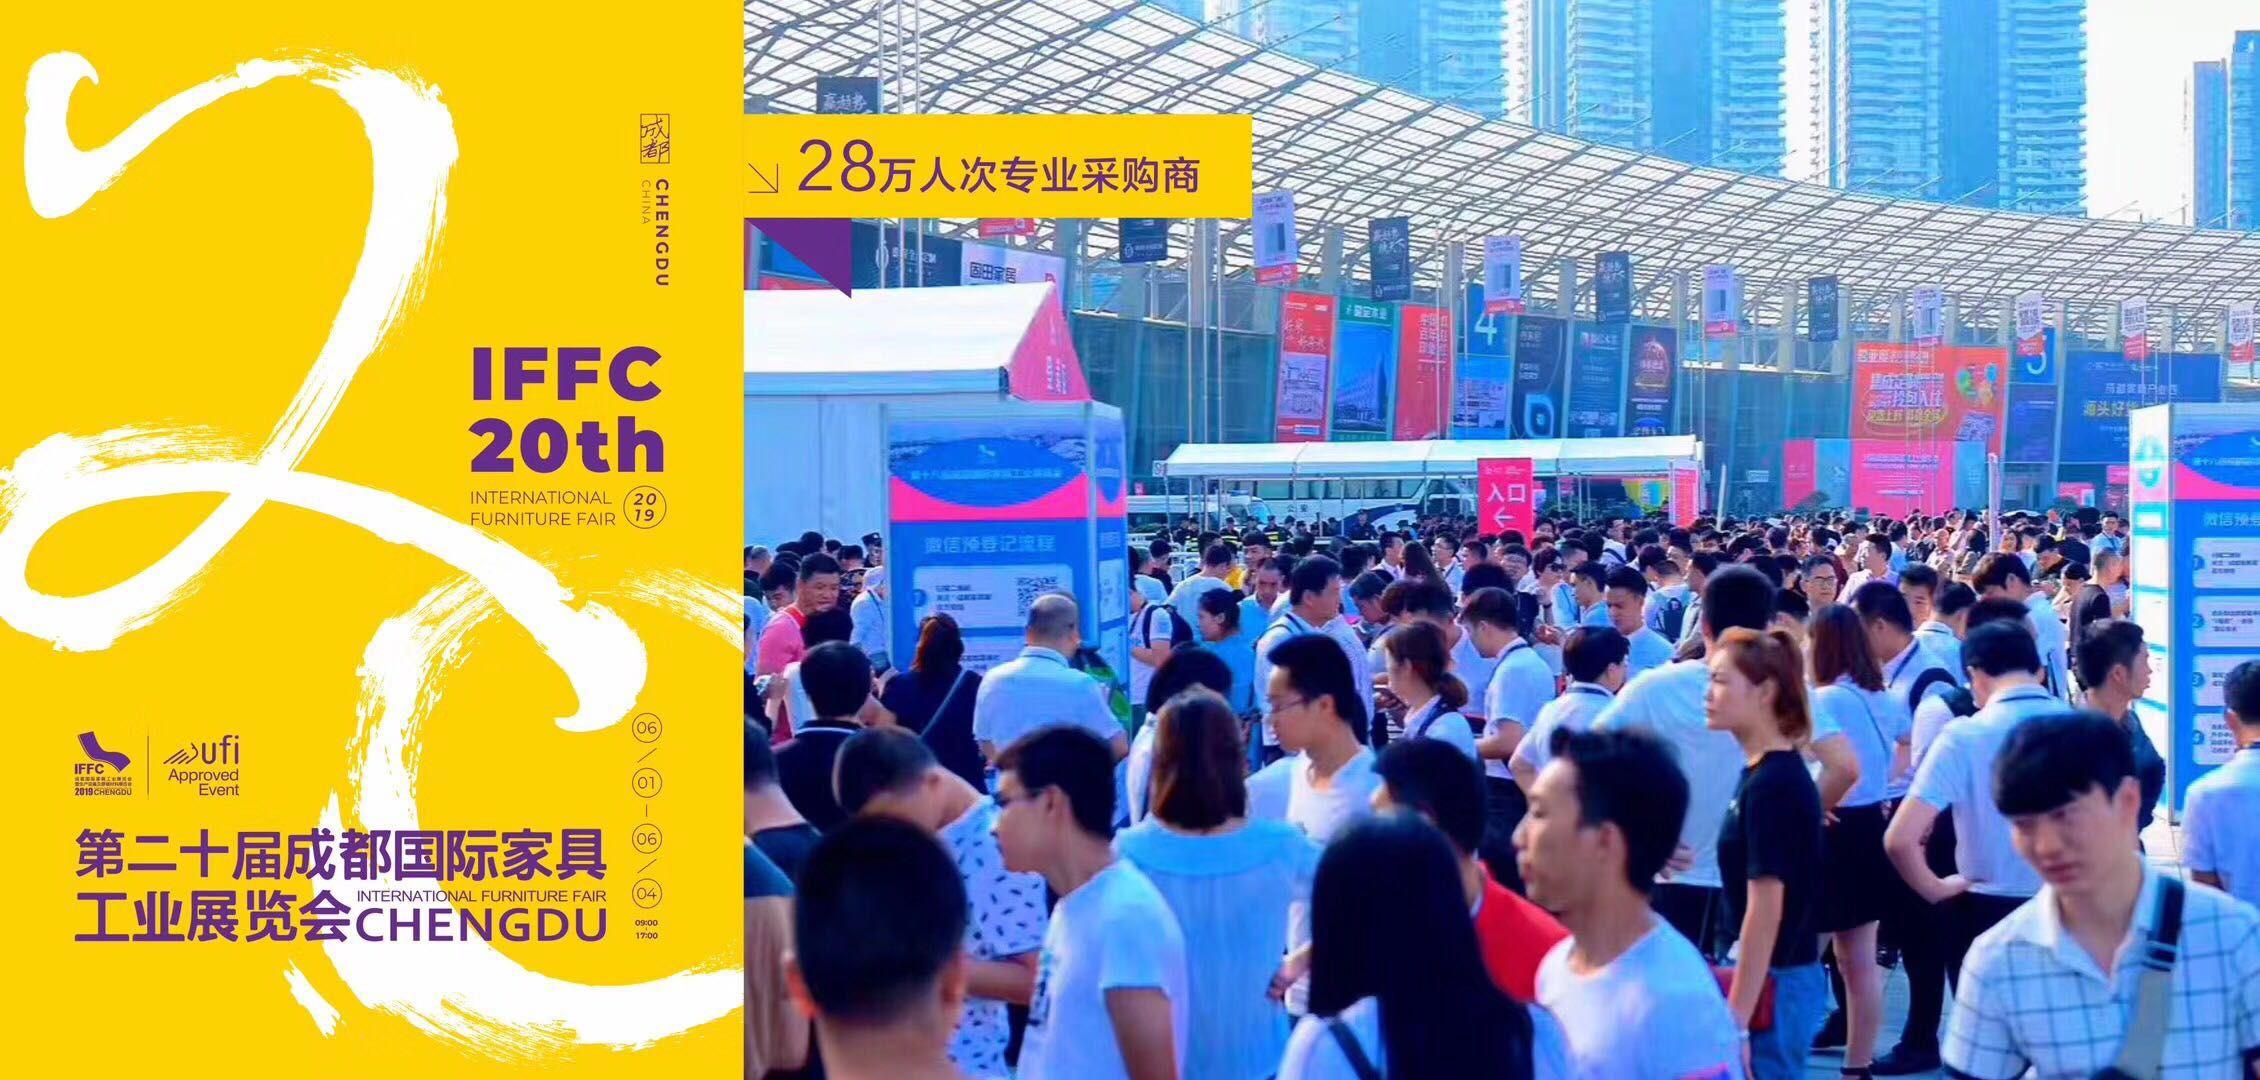 第二十界成都国际家具工业展览会  6月1日-4日南通求精展位1B47邀请您参加